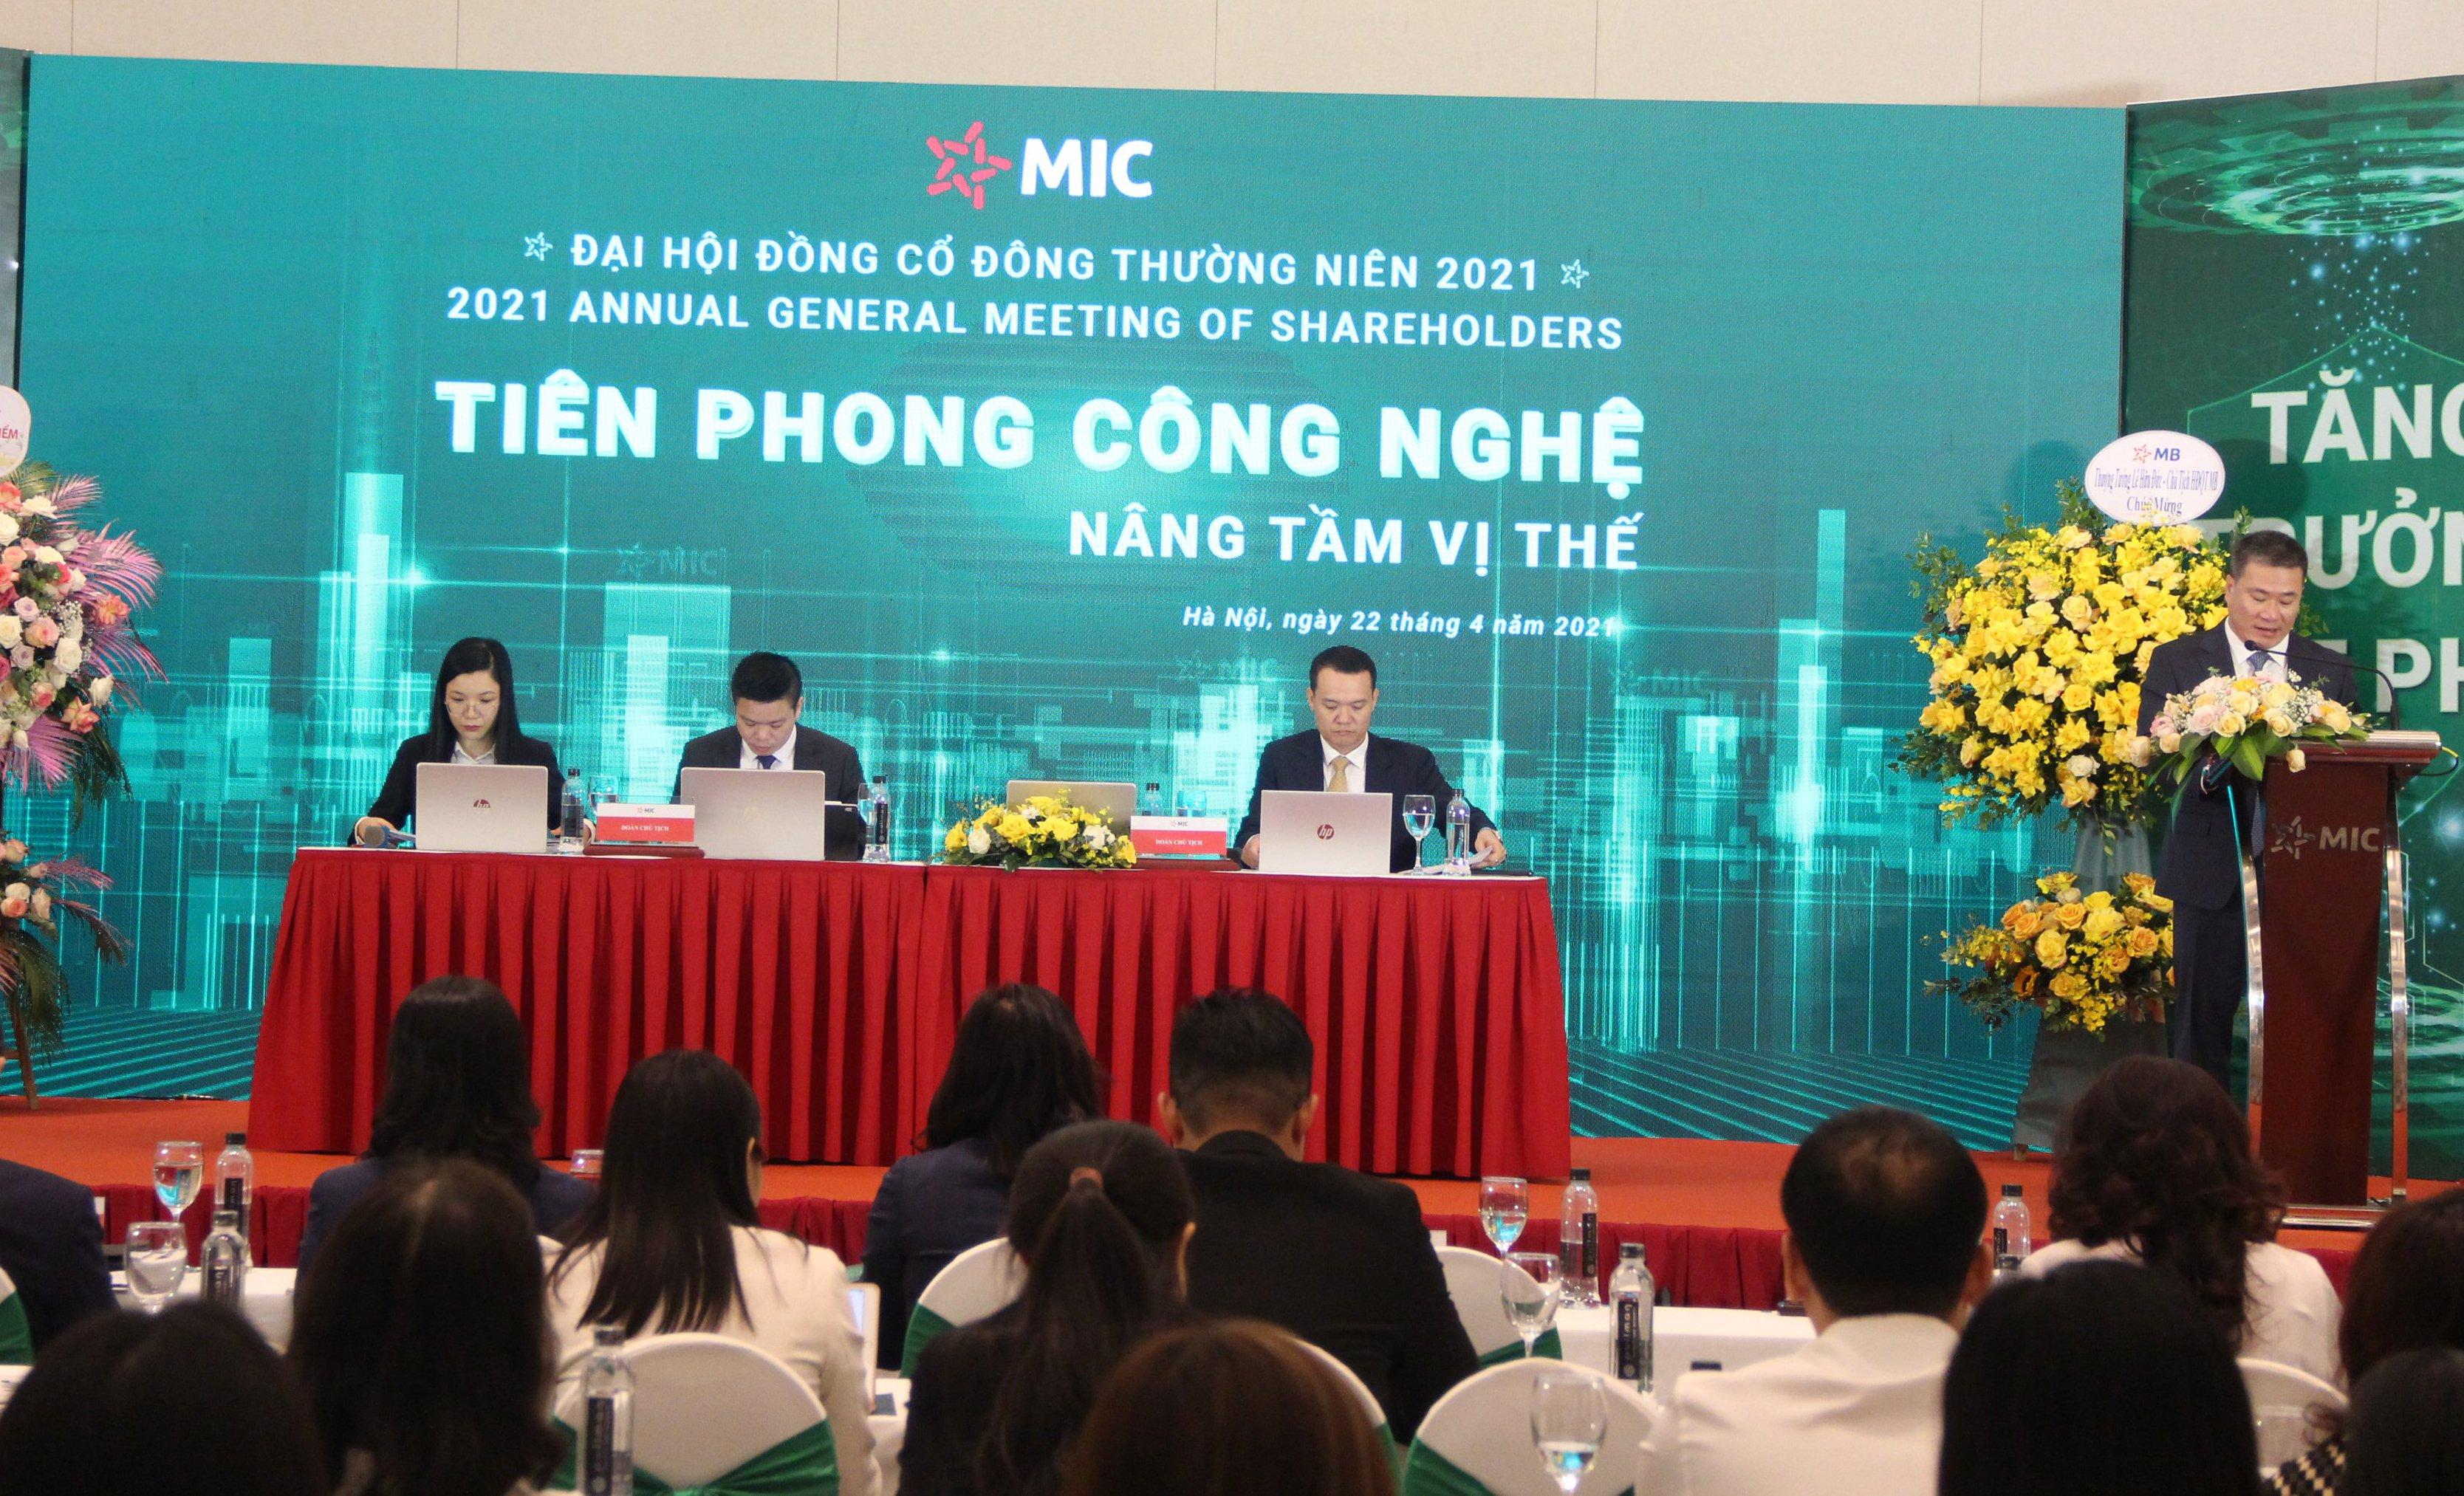 MIC tổ chức thành công Đại hội đồng cổ đông thường niên 2021